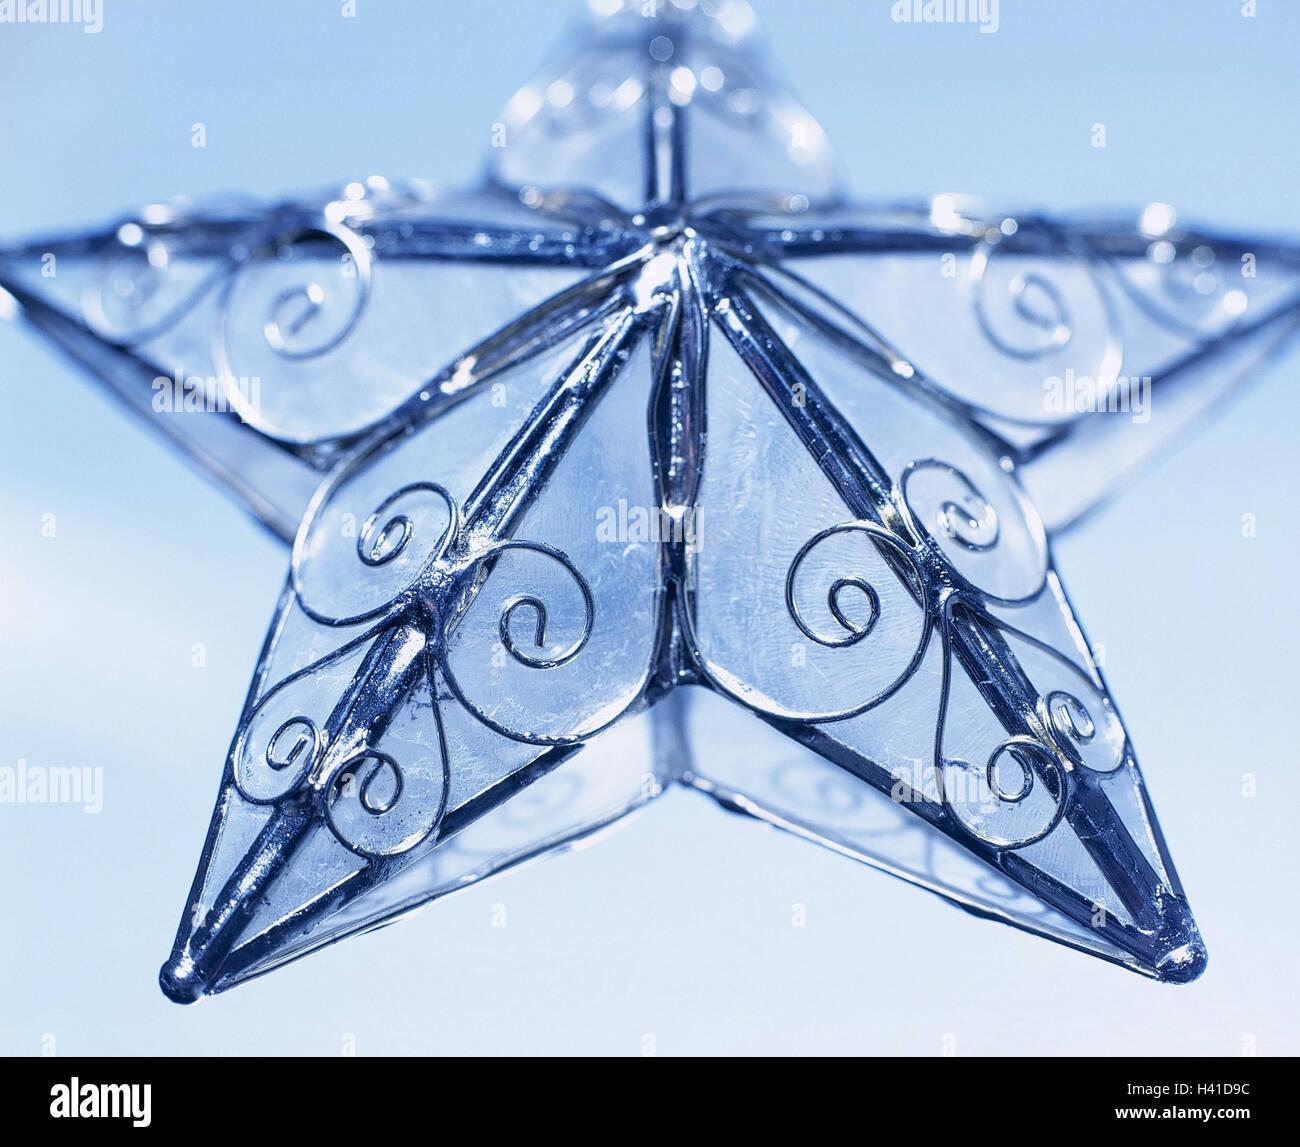 Dekostern Stilleben Produktfotografie Weihnachten Yule Flut